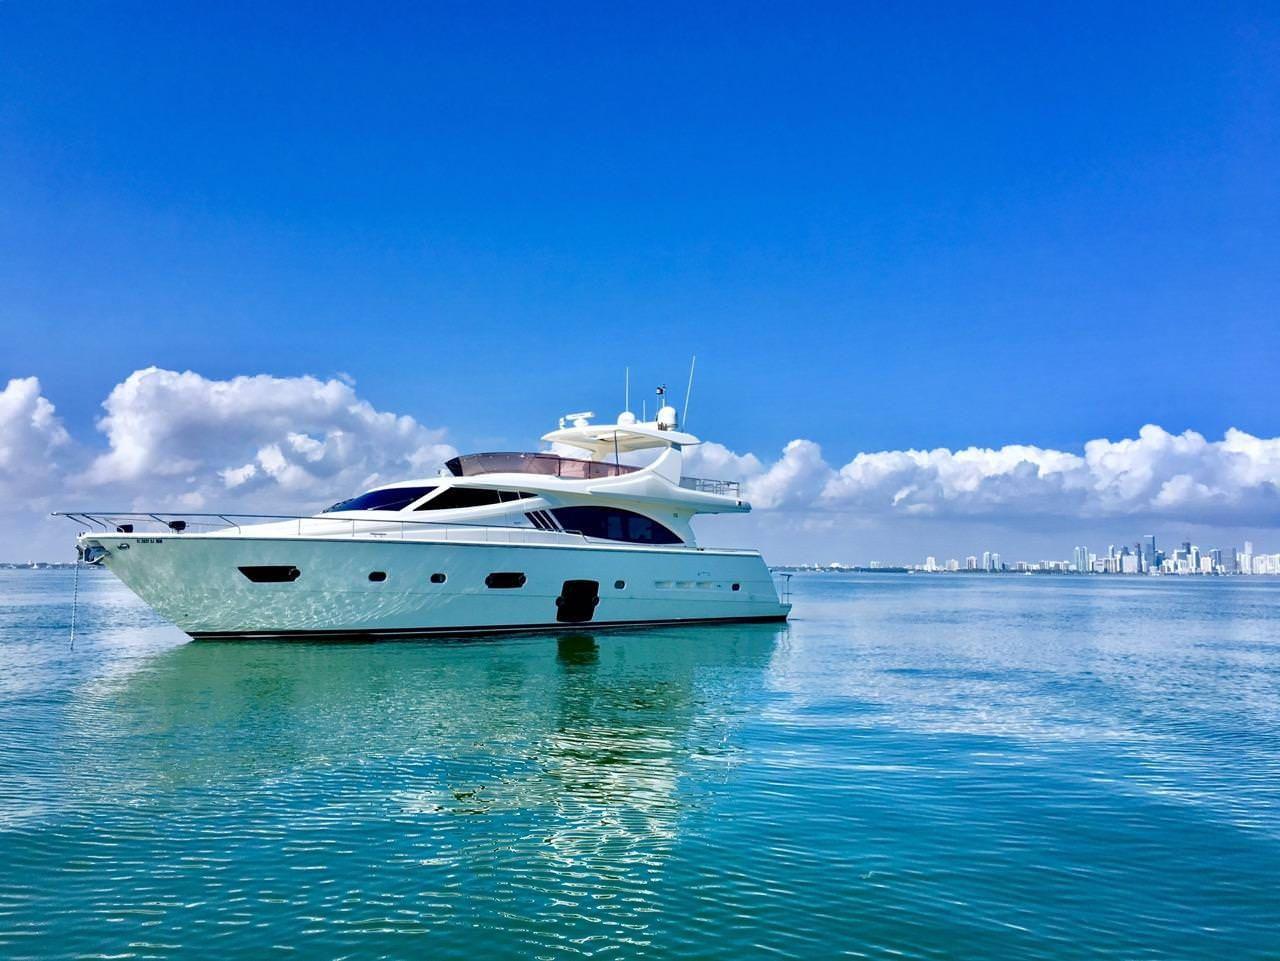 Miami Day Charter Yacht DR NO Ferretti 75 Anchored